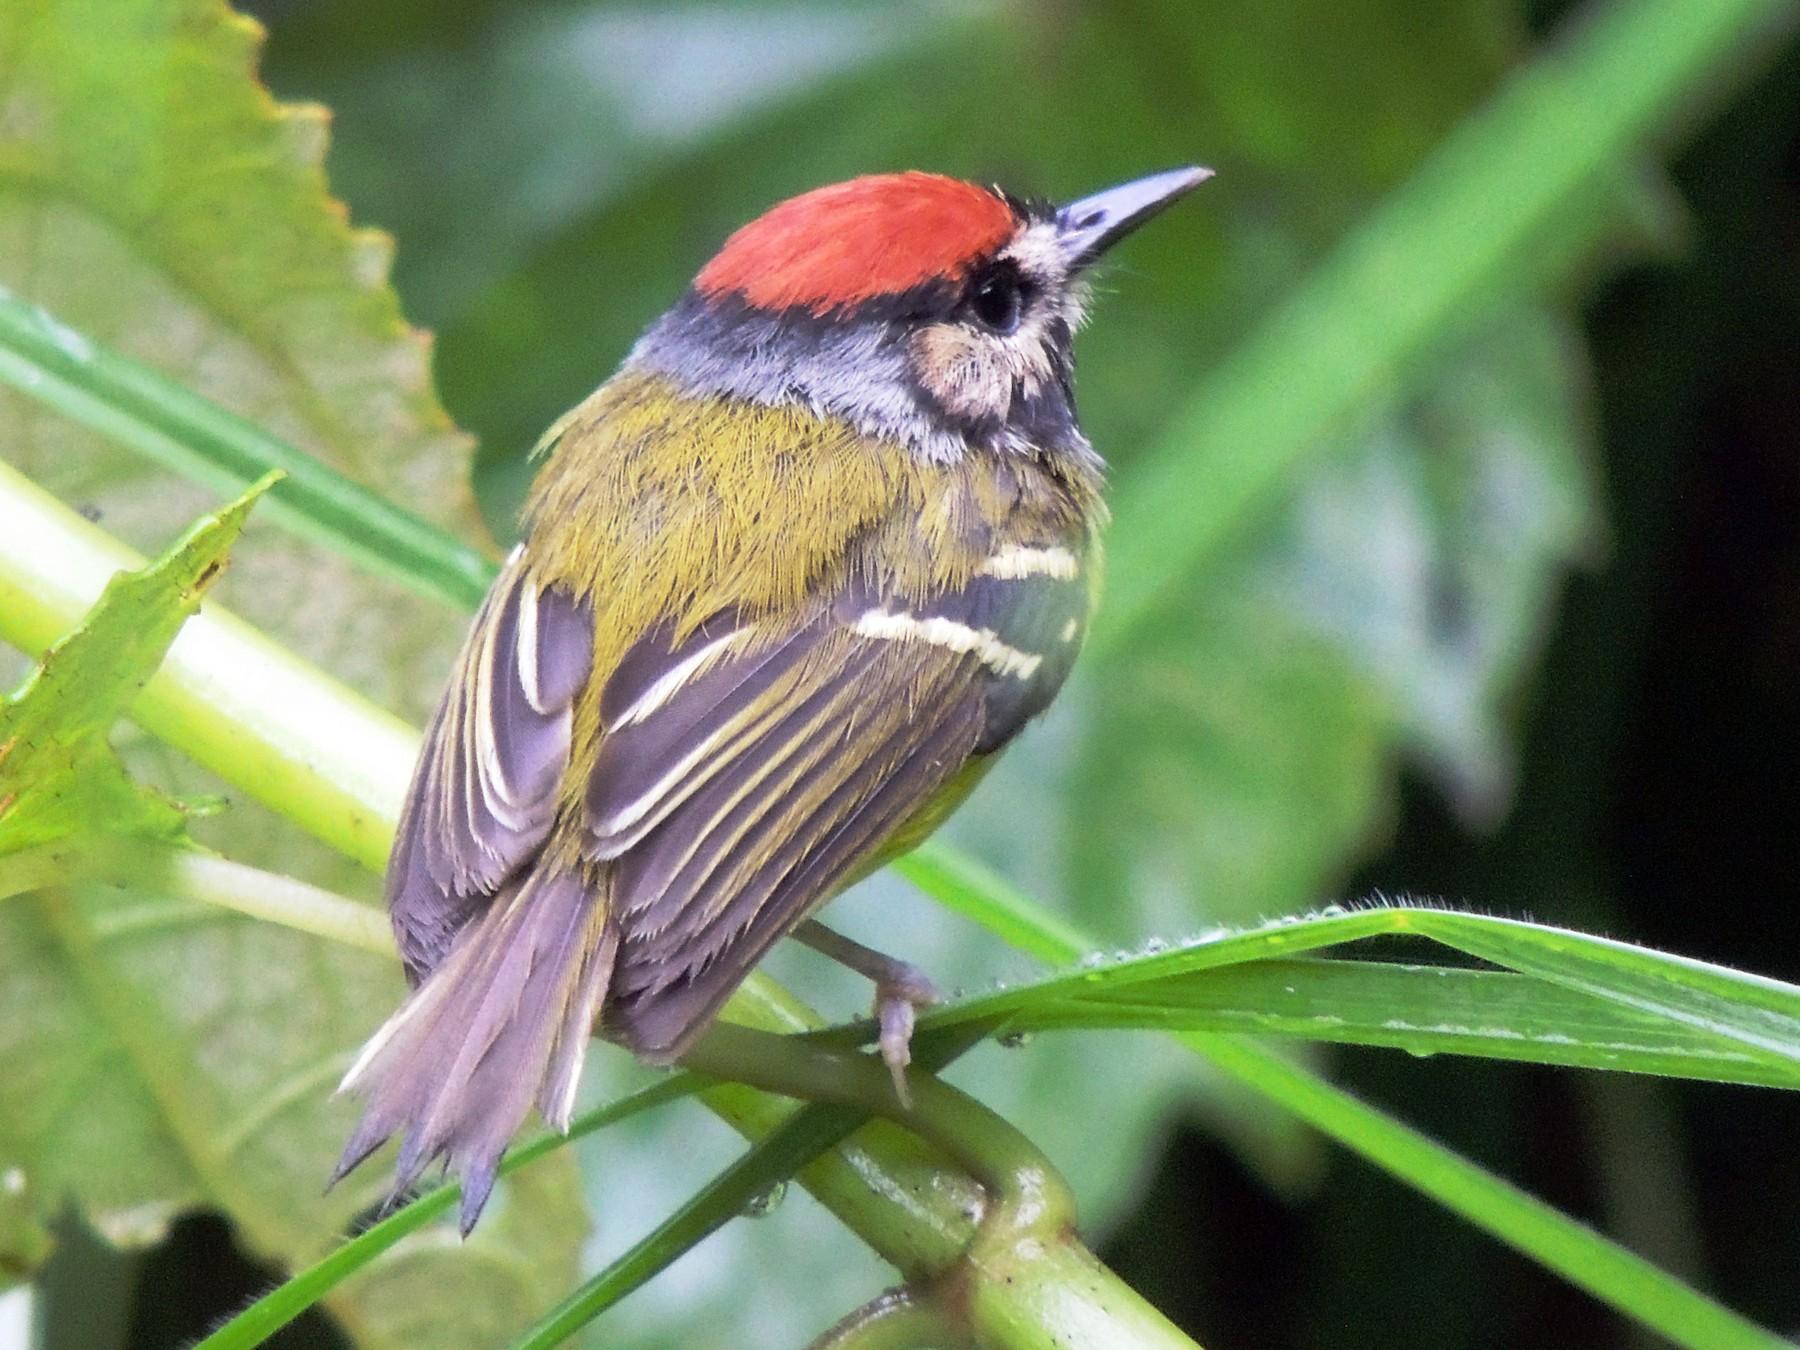 Rufous-crowned Tody-Flycatcher - Adalberto Quiroga Villada